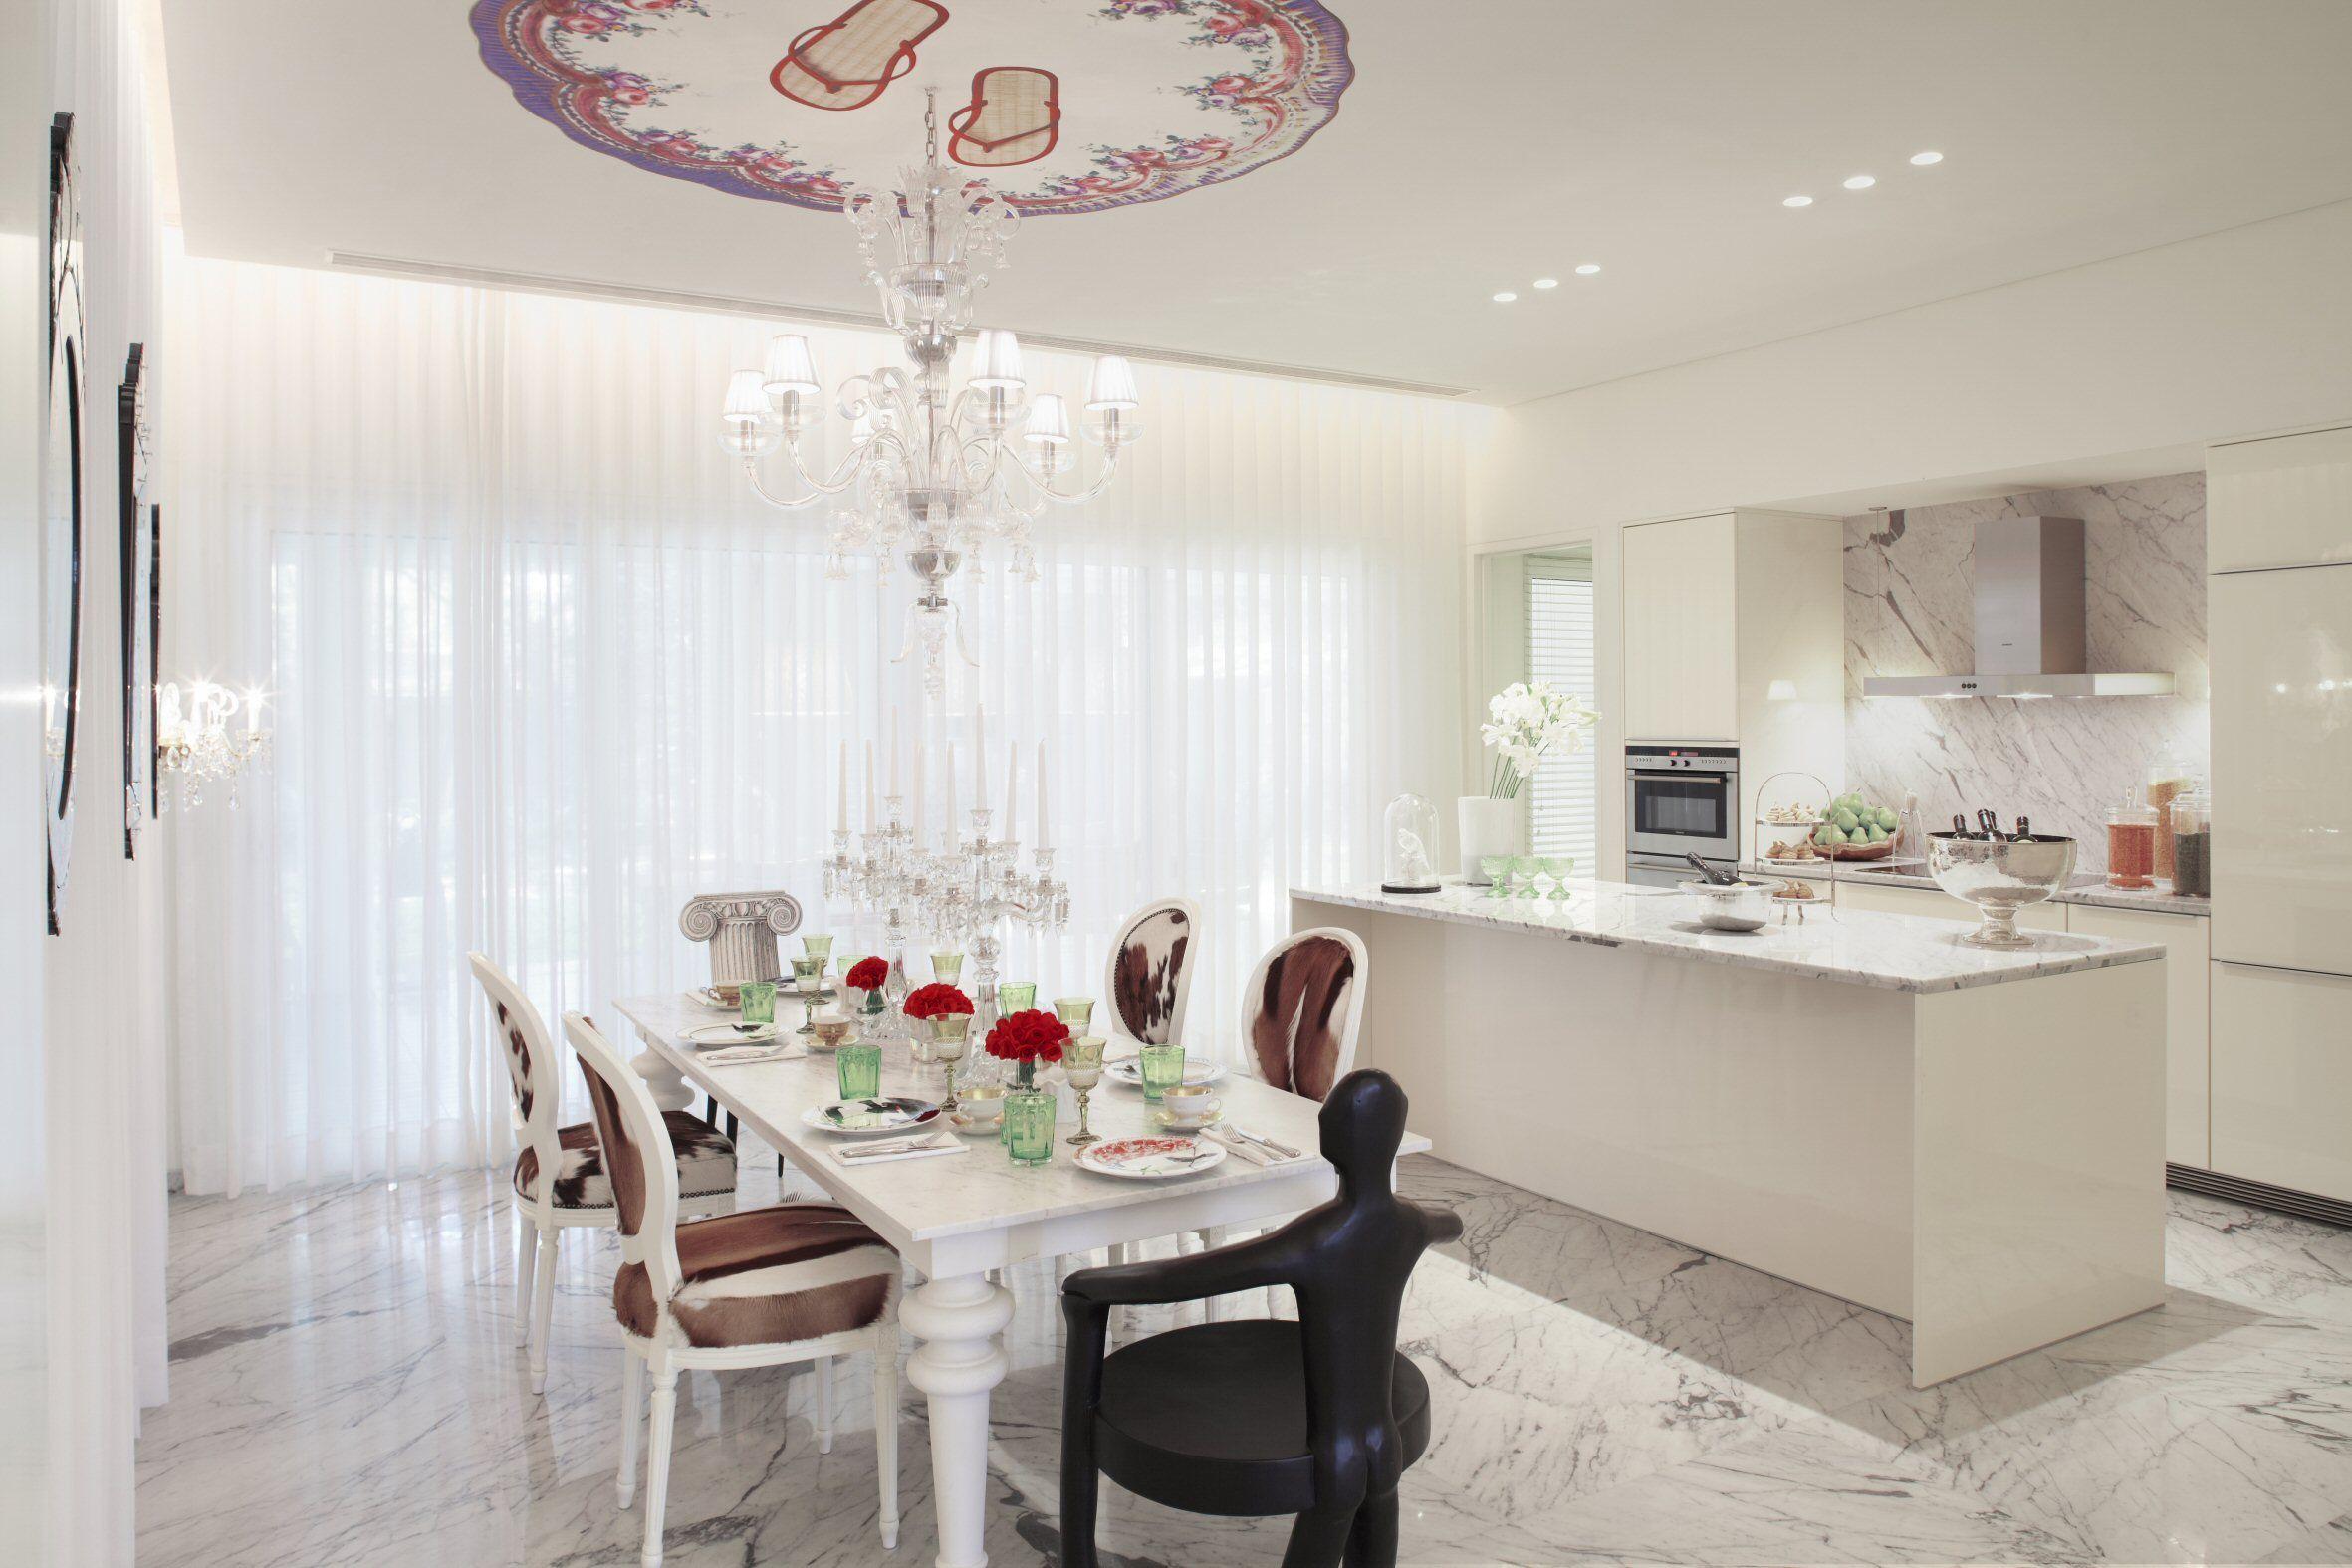 Küche Insel Tisch Mit Stühlen Stühle modern